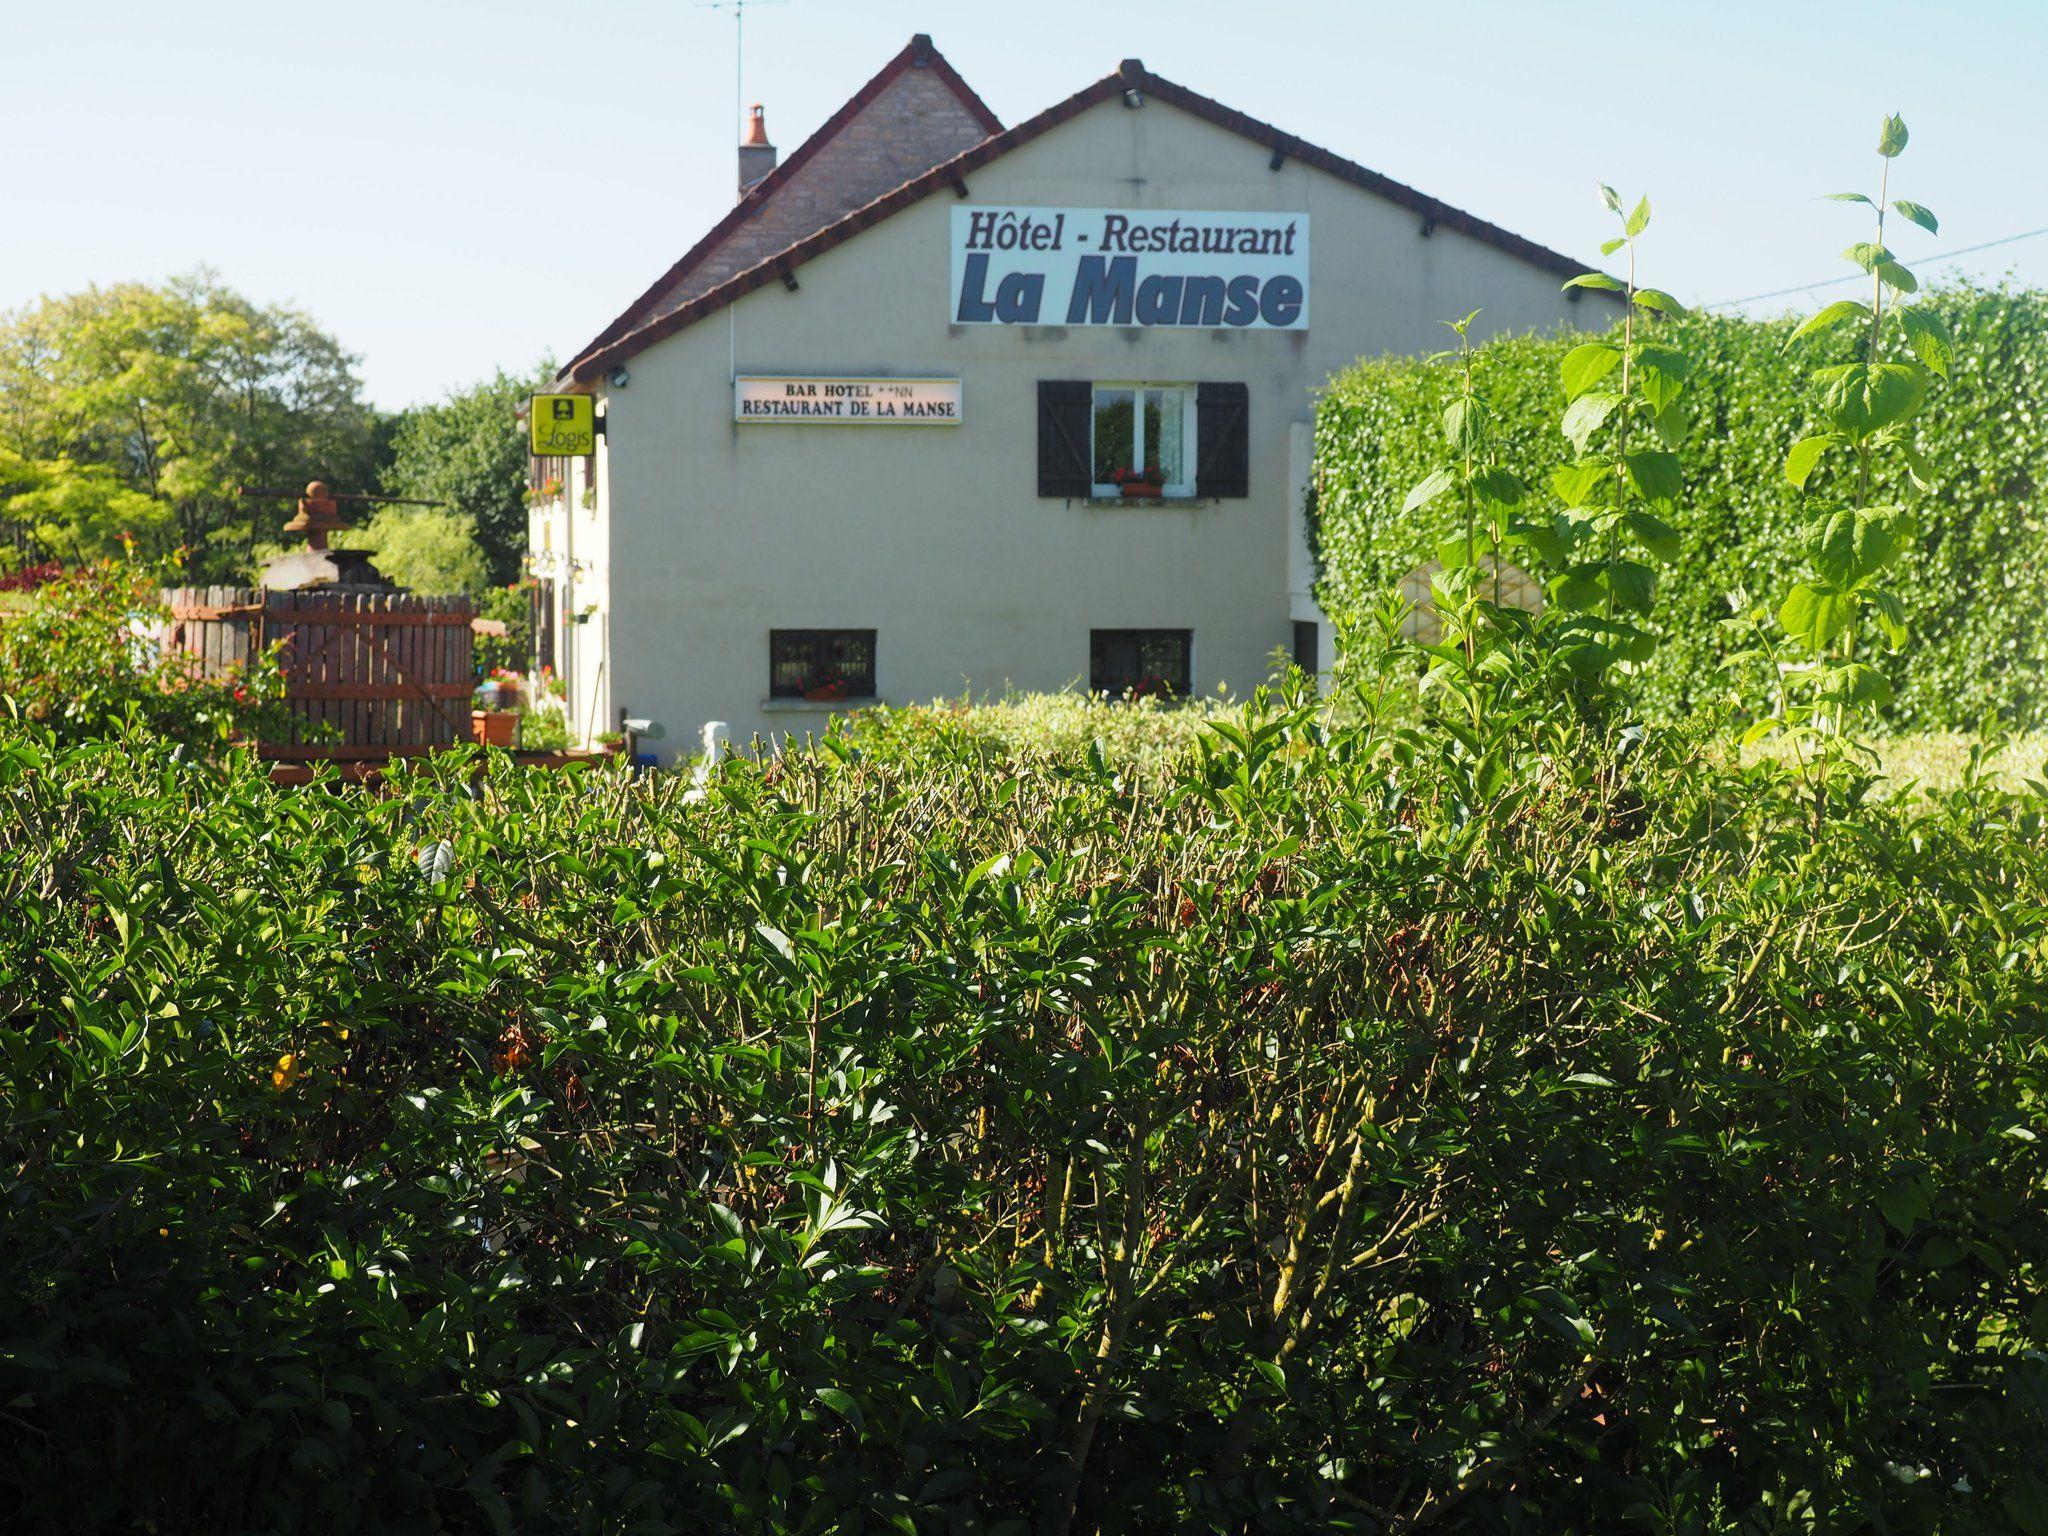 拉曼瑟酒店及餐厅